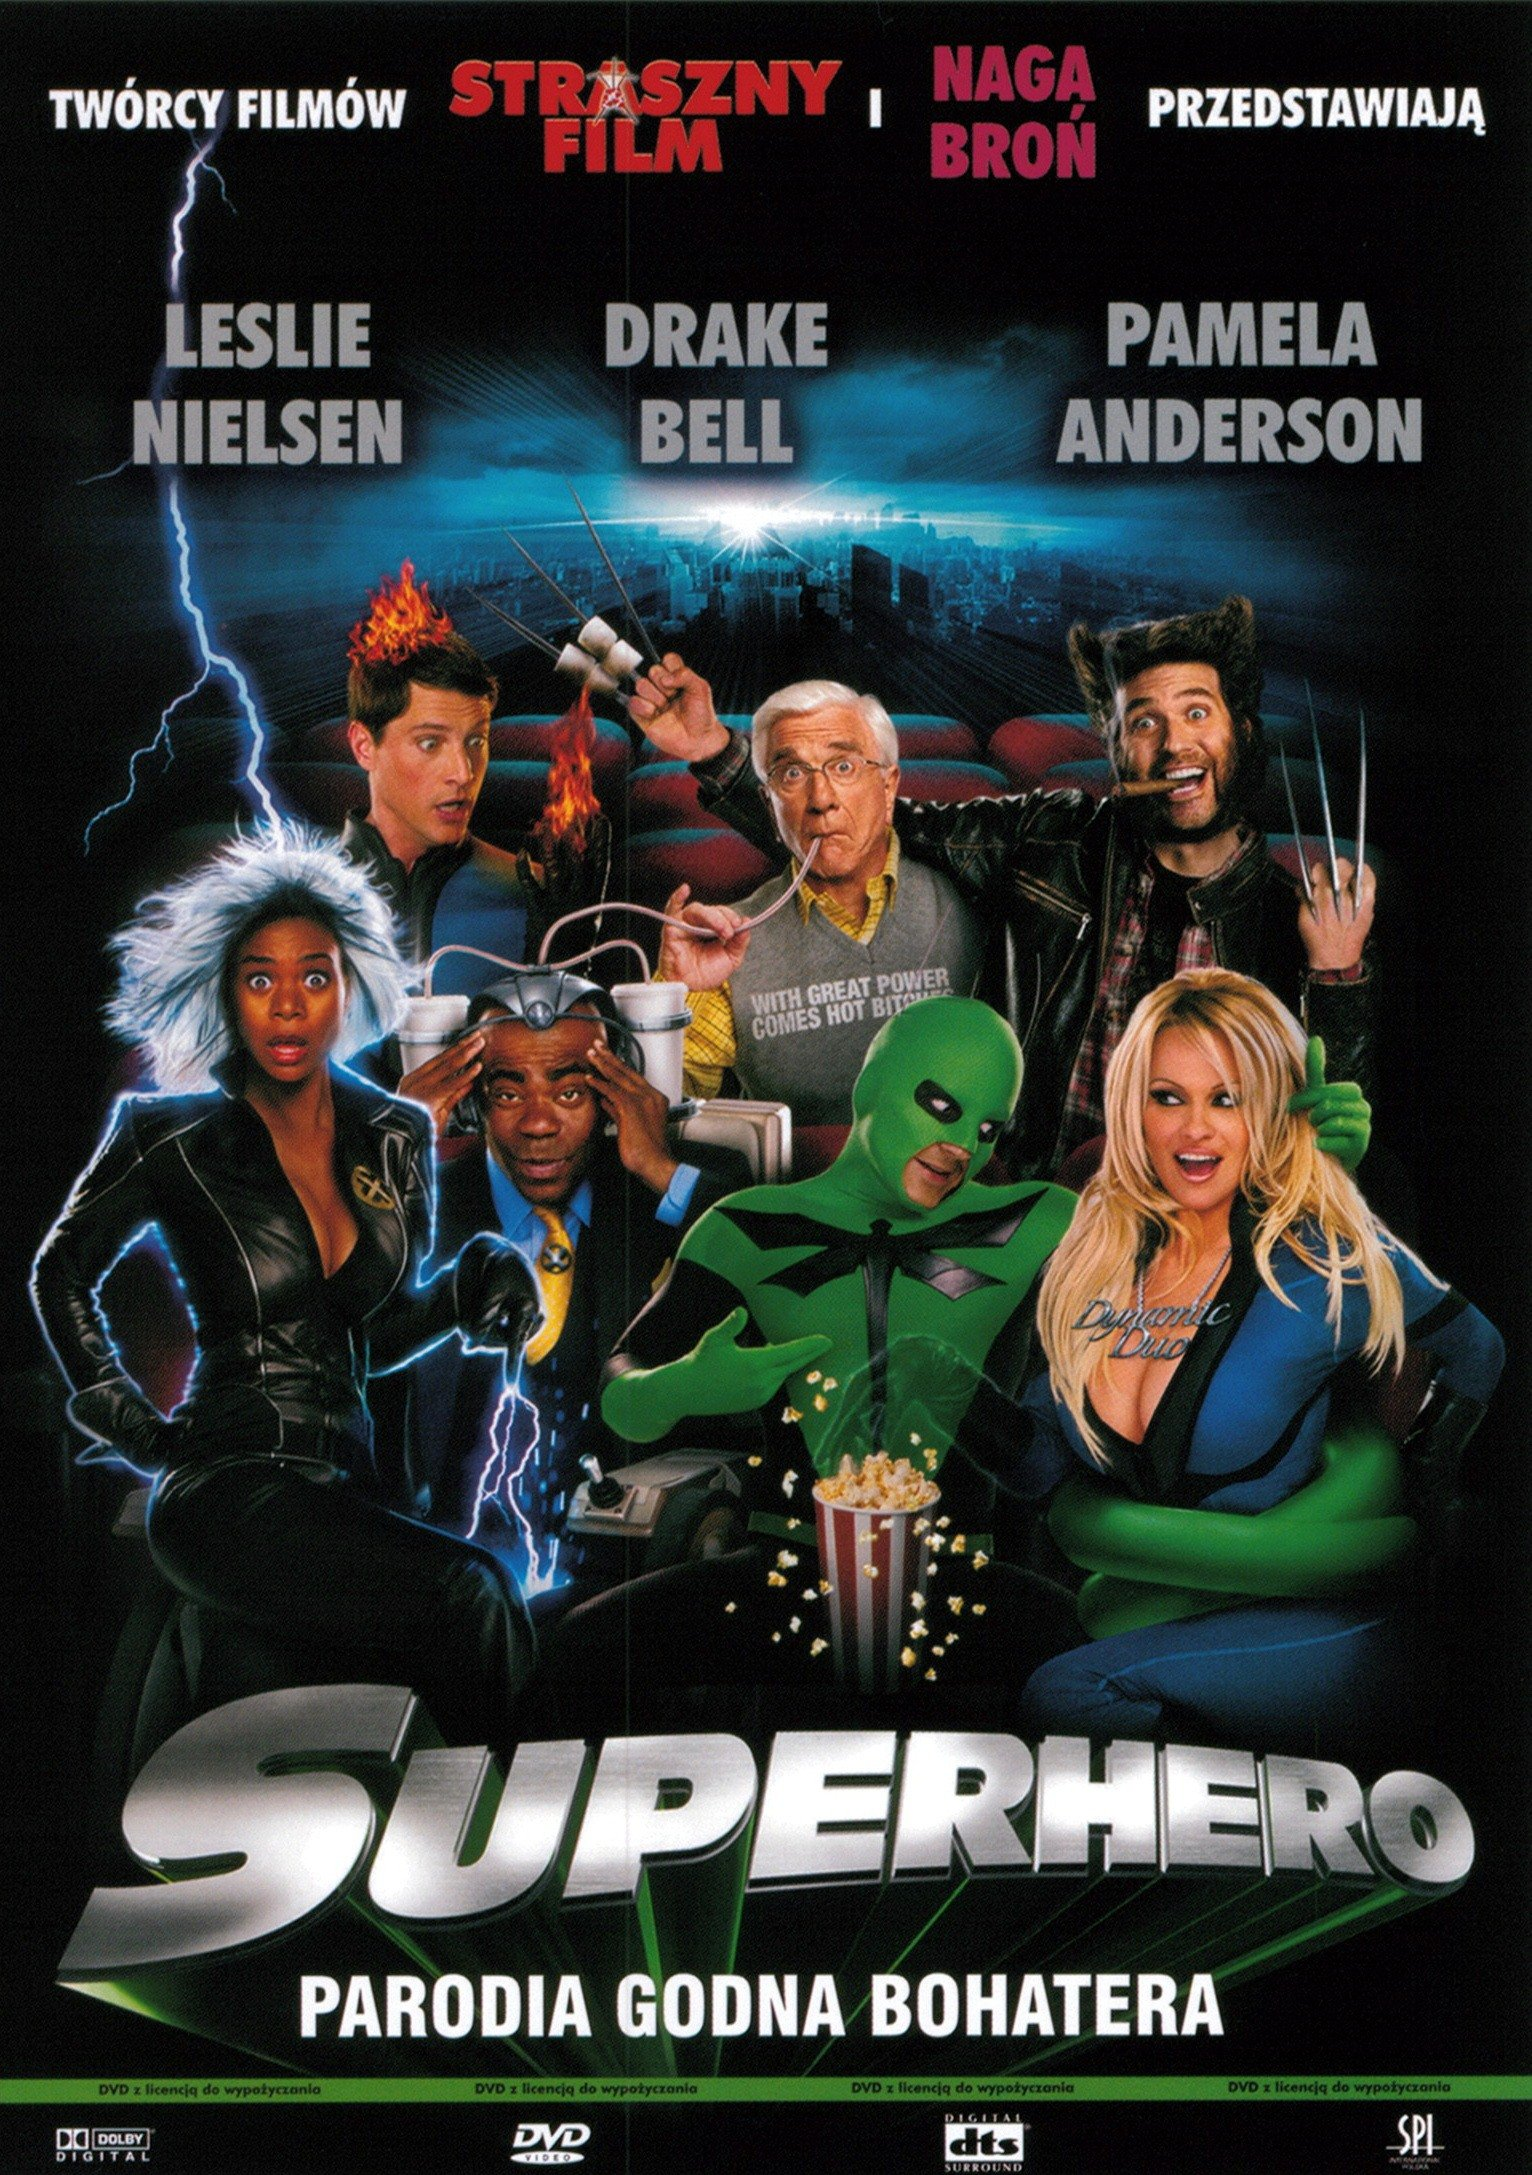 superhero movie 2008 poster freemoviepostersnet